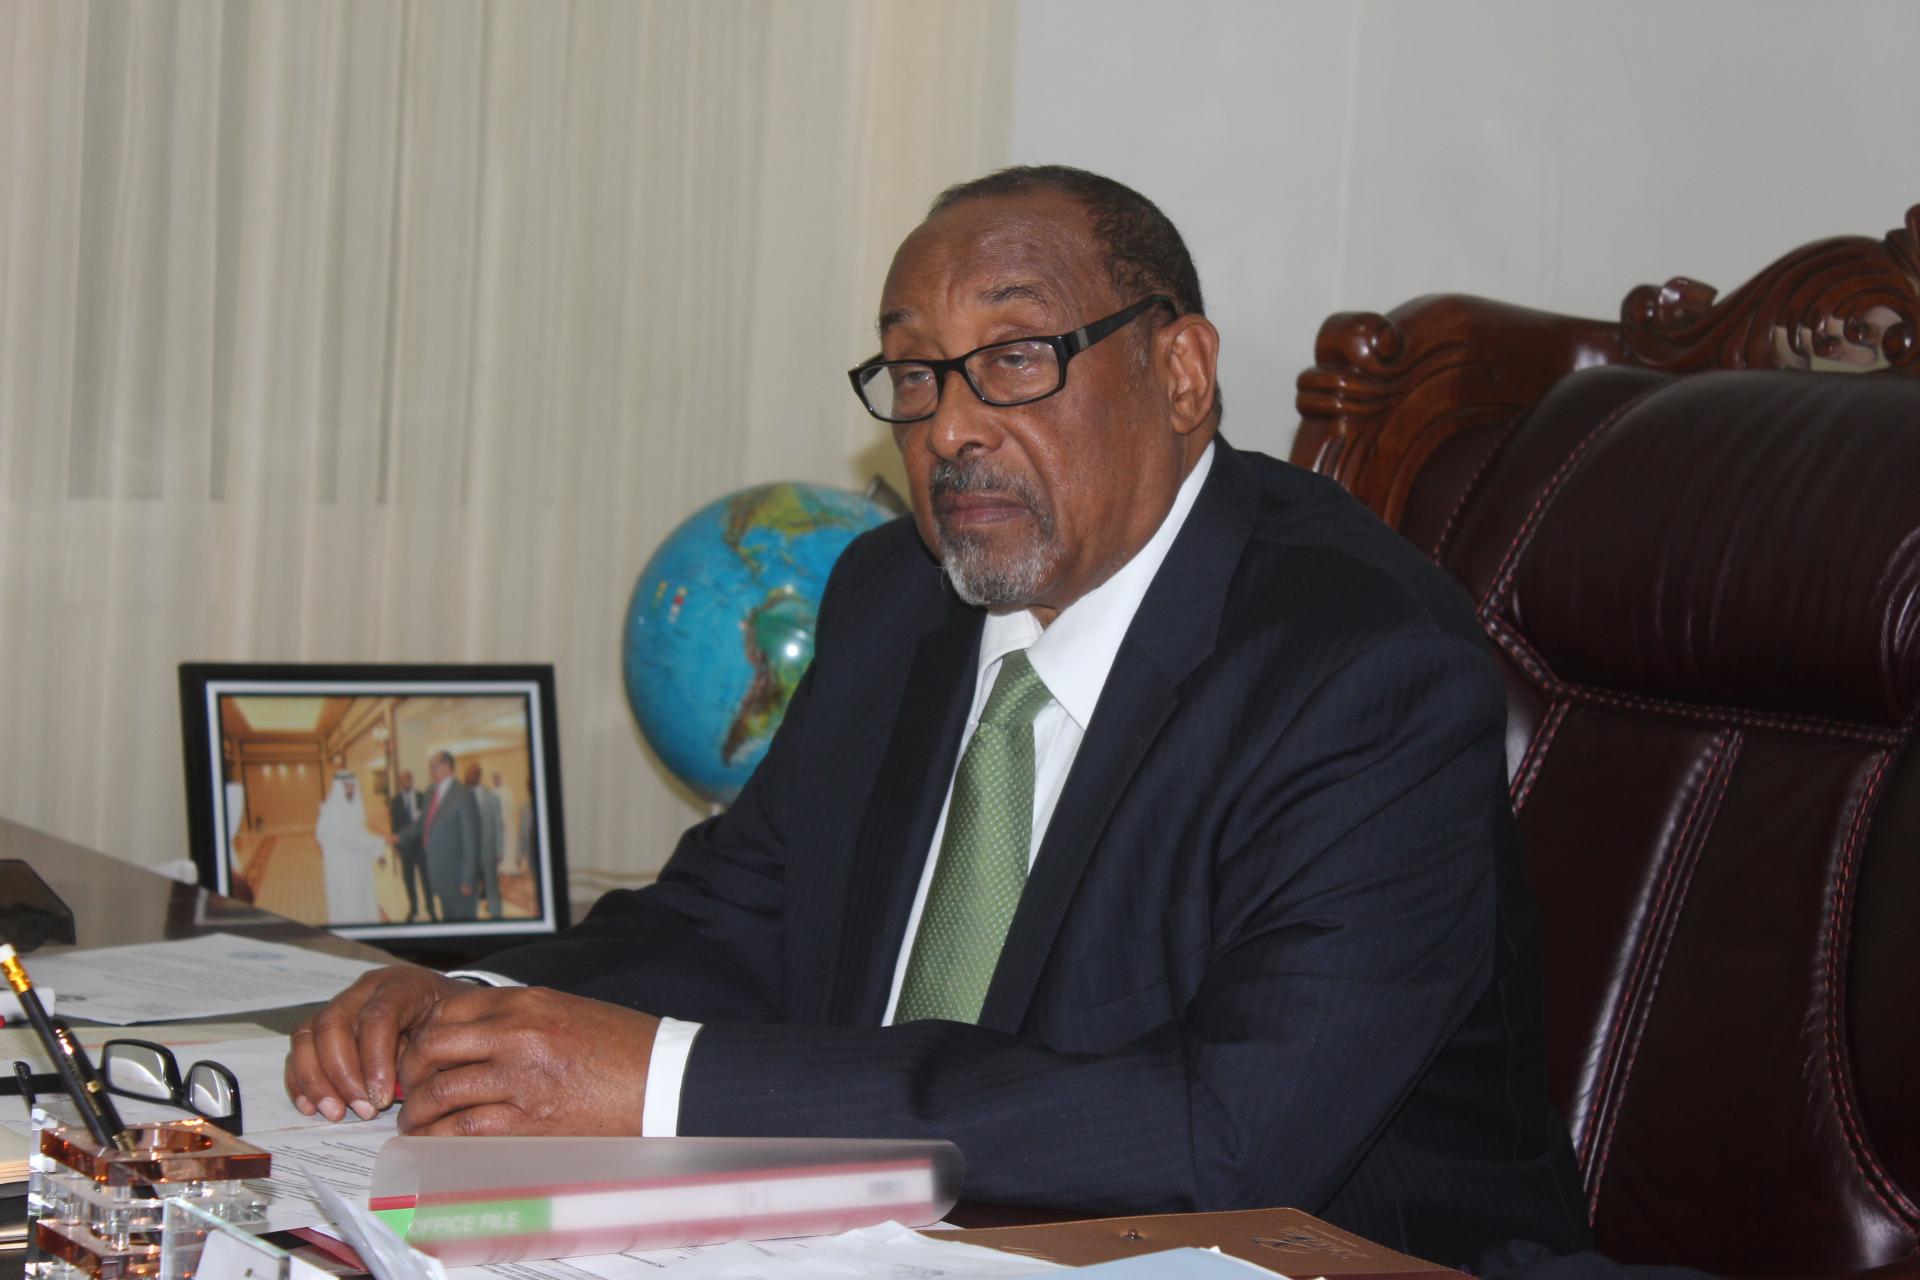 Madaxweynaha Somaliland oo Shacabka Somaliland ka Tacsiyadeeyey Geerida Agaasimihii Guud ee Wasaaradda Shaqada Oo Hargaysa Ku Geeriyooday.